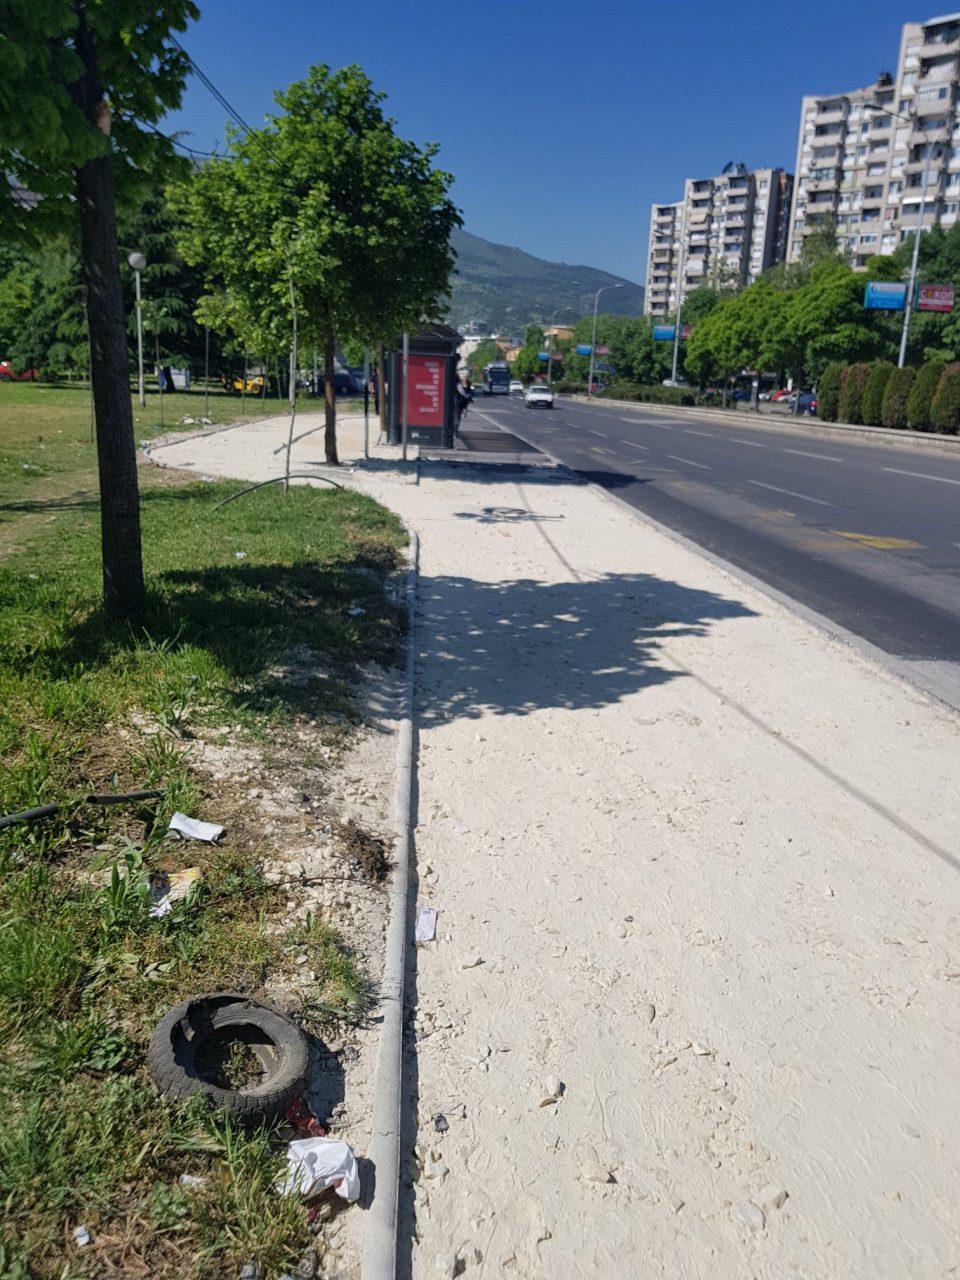 Предлог за Гинис: Град Скопје гради тротоар со просечна брзина помала од 1,5 метар на ден